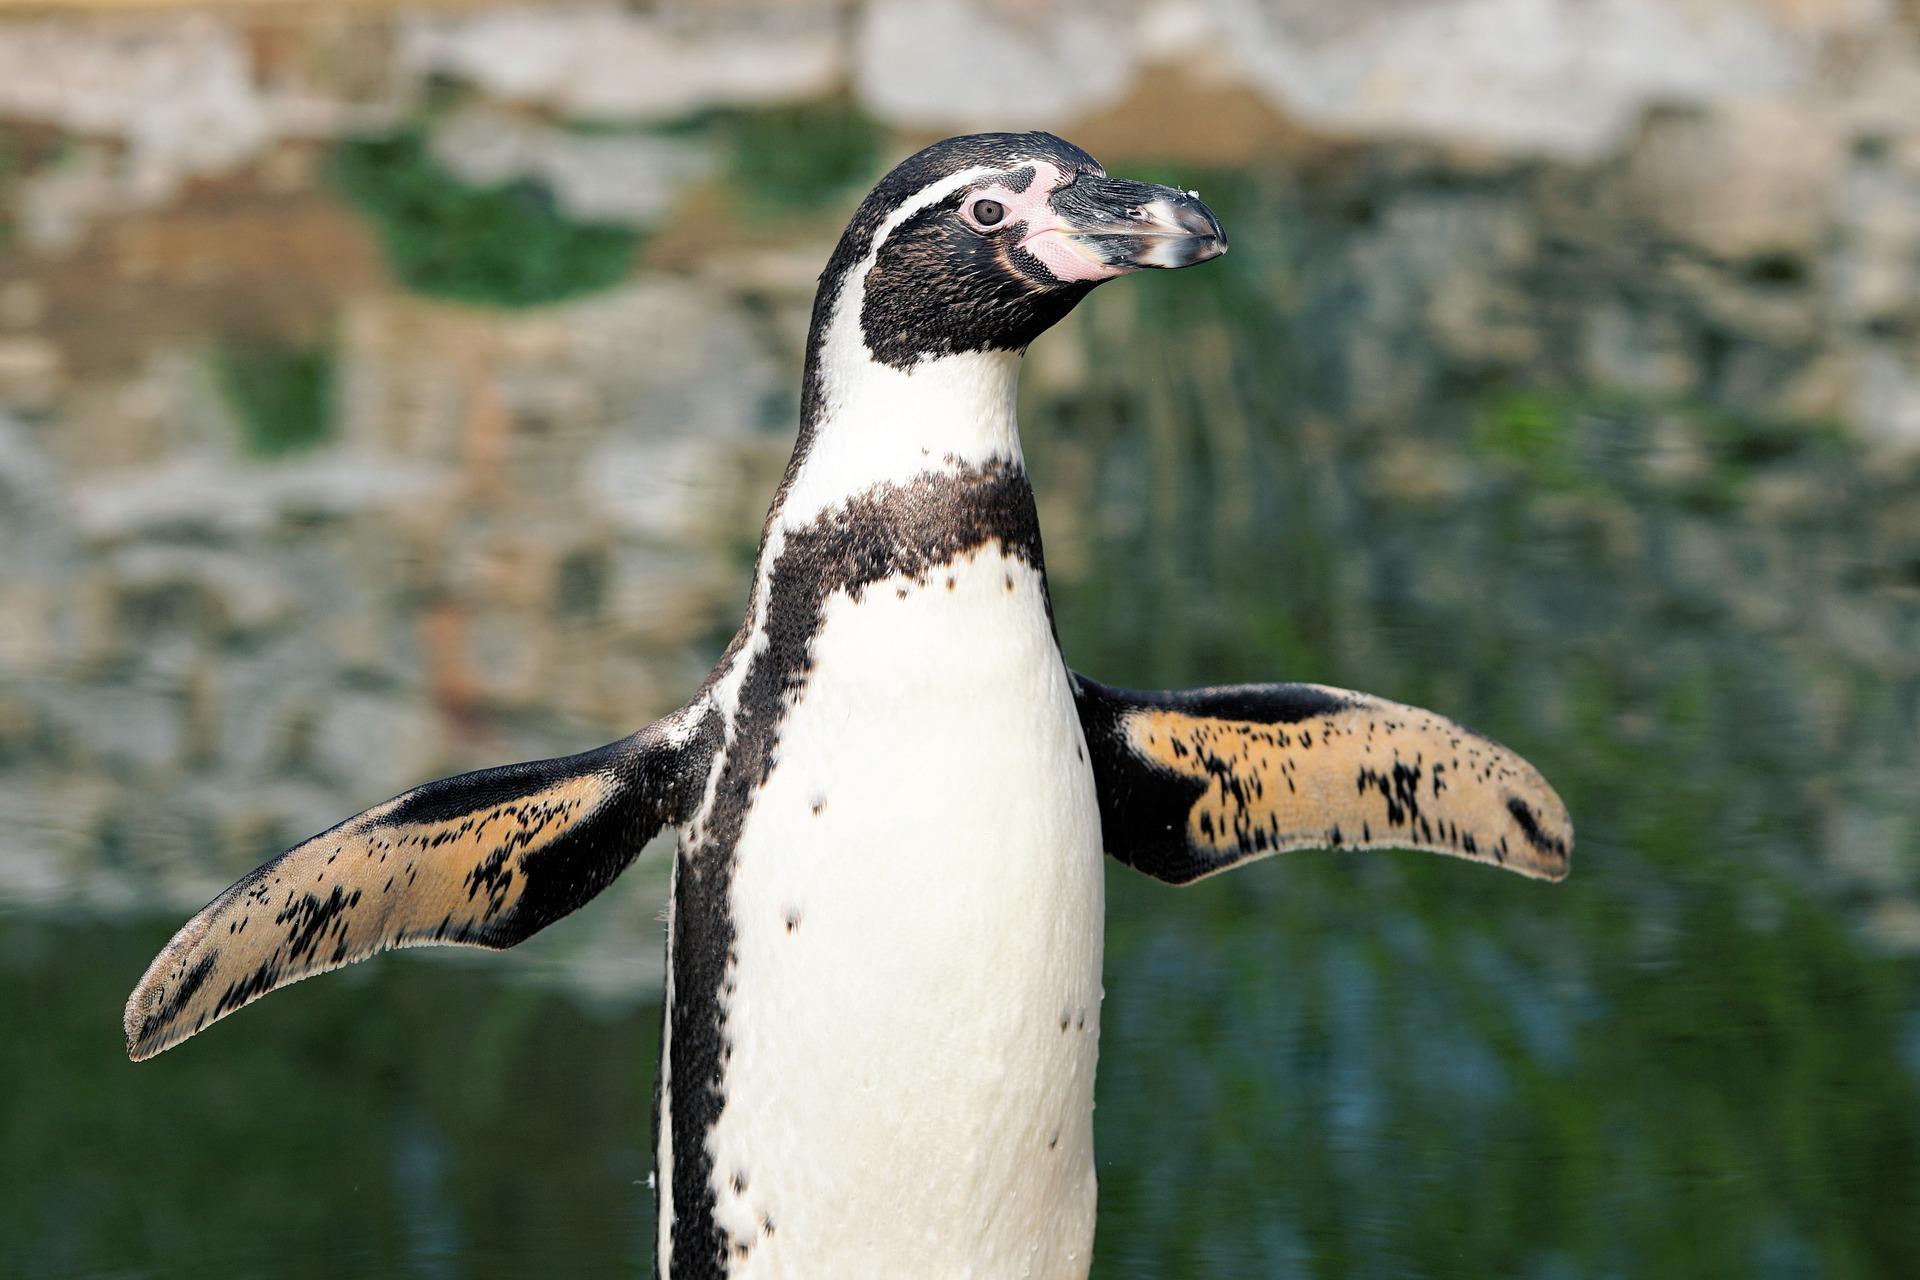 penguin-2204566_1920.jpg